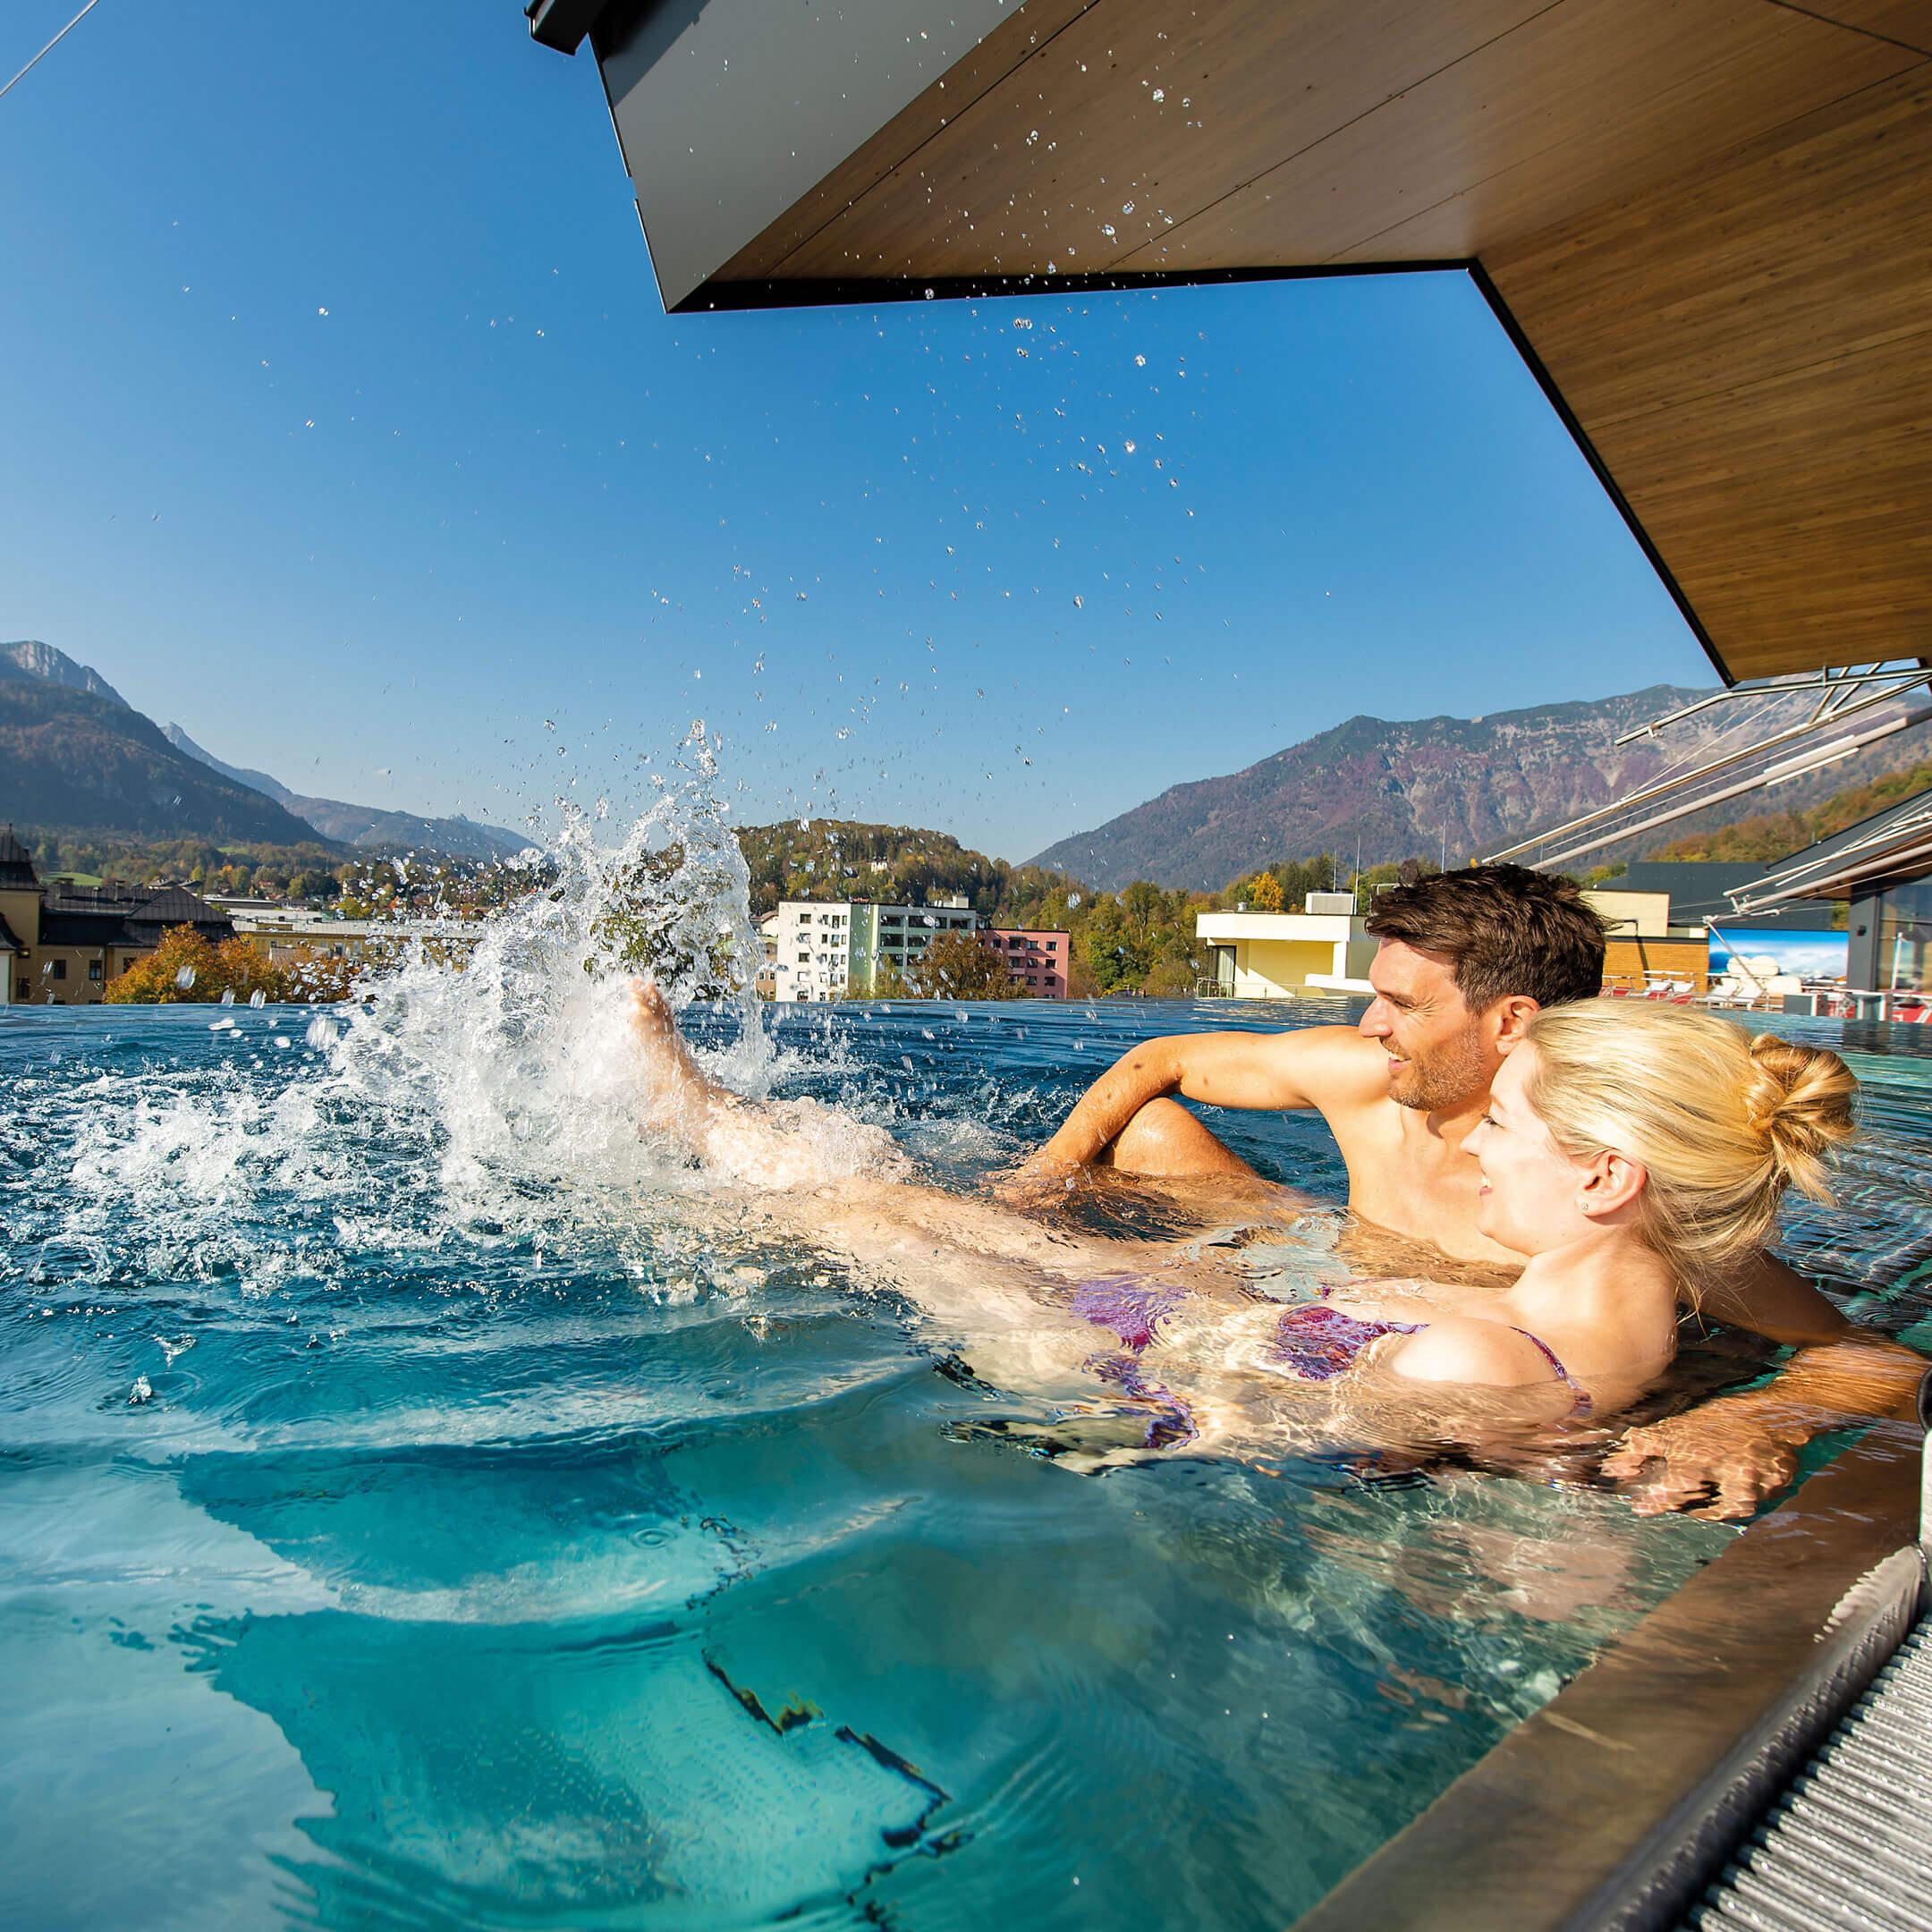 Venkovní bazén, Hotel Royal v lázeňském resortu Bad Ischl, Rakousko